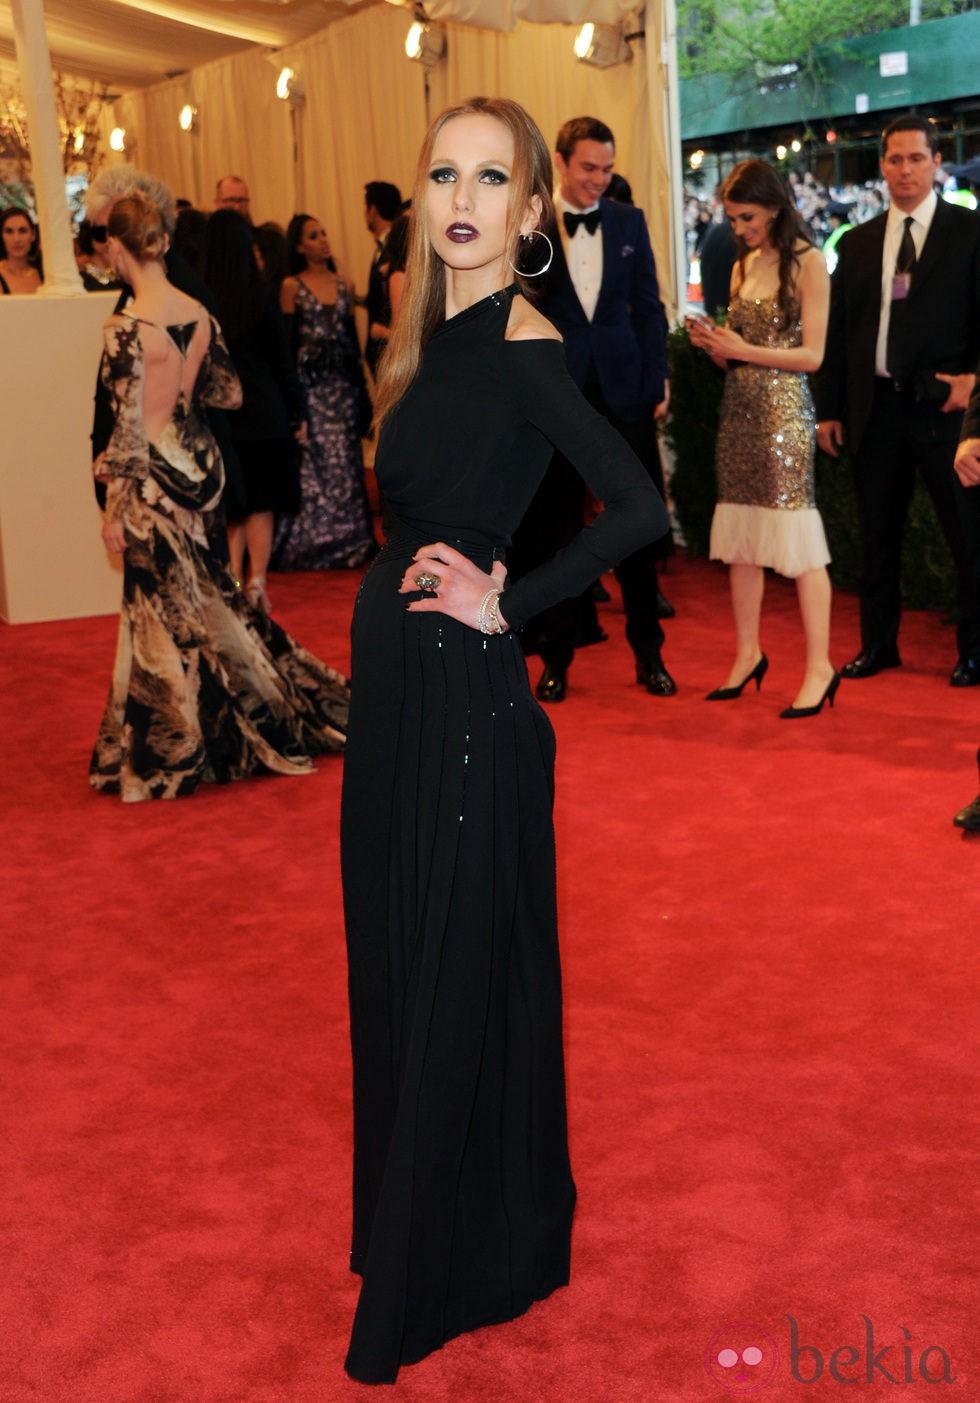 Allegra Versace en la Gala del MET 2013